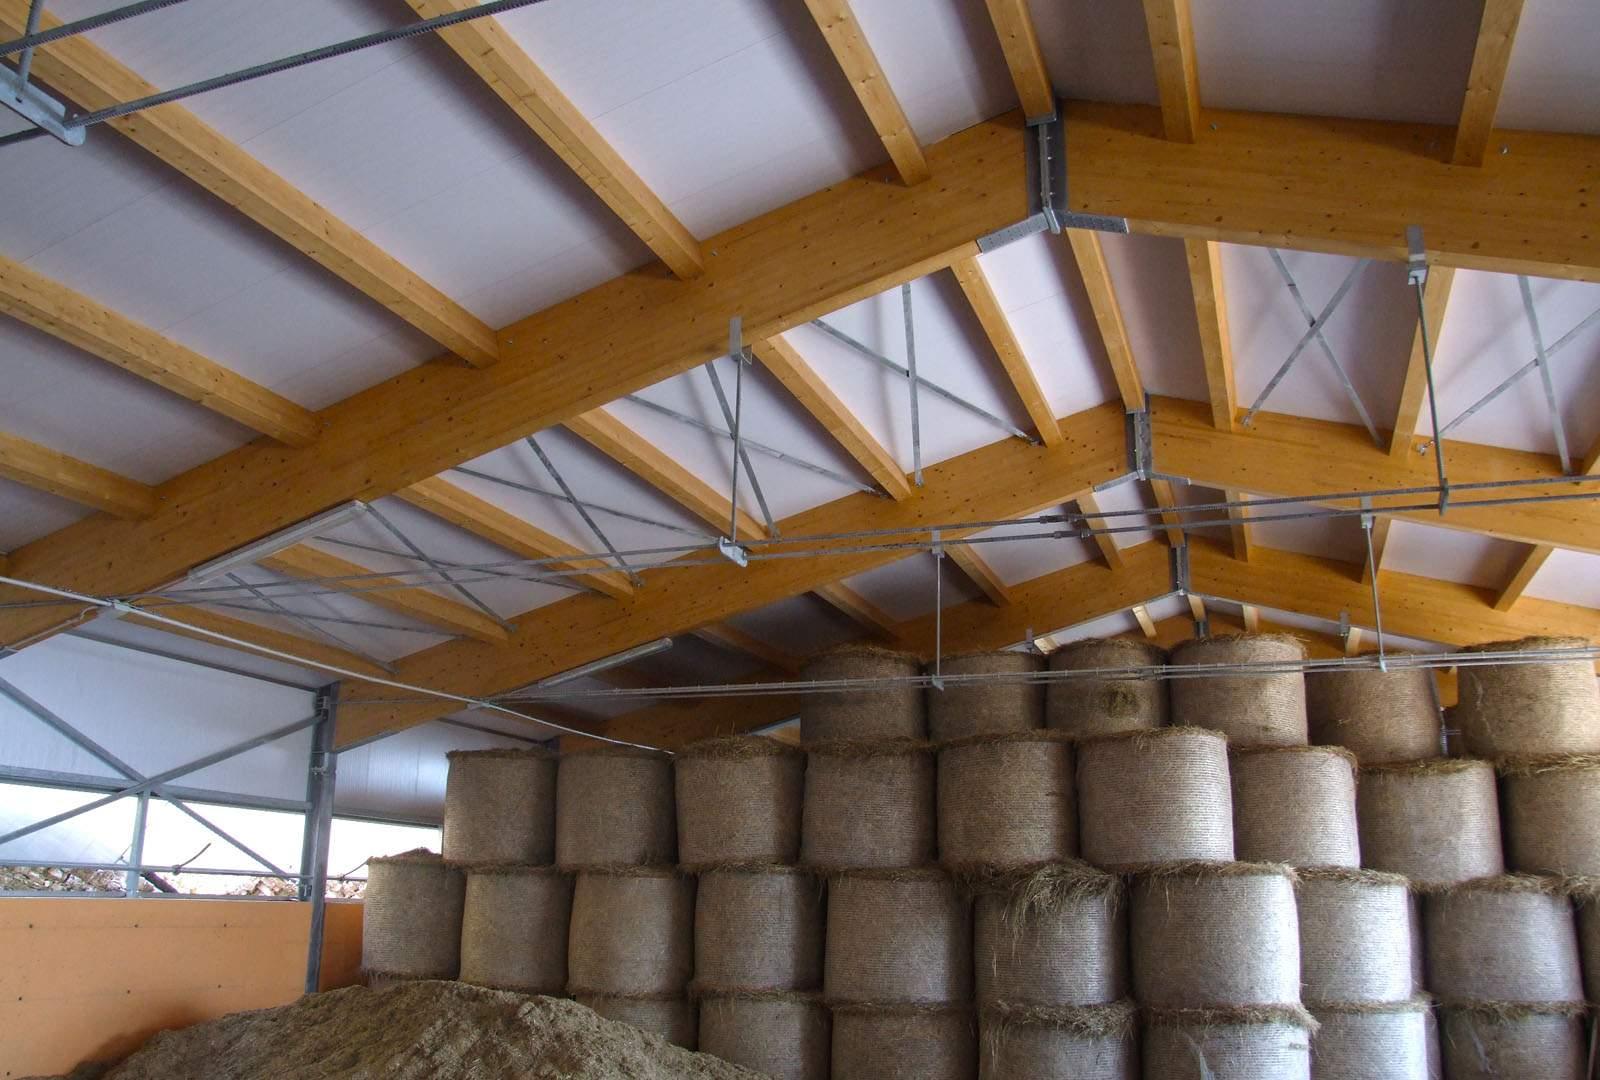 Capannoni prefabbricati miglioranza srl sandrigo vicenza for Capannoni in legno prezzi